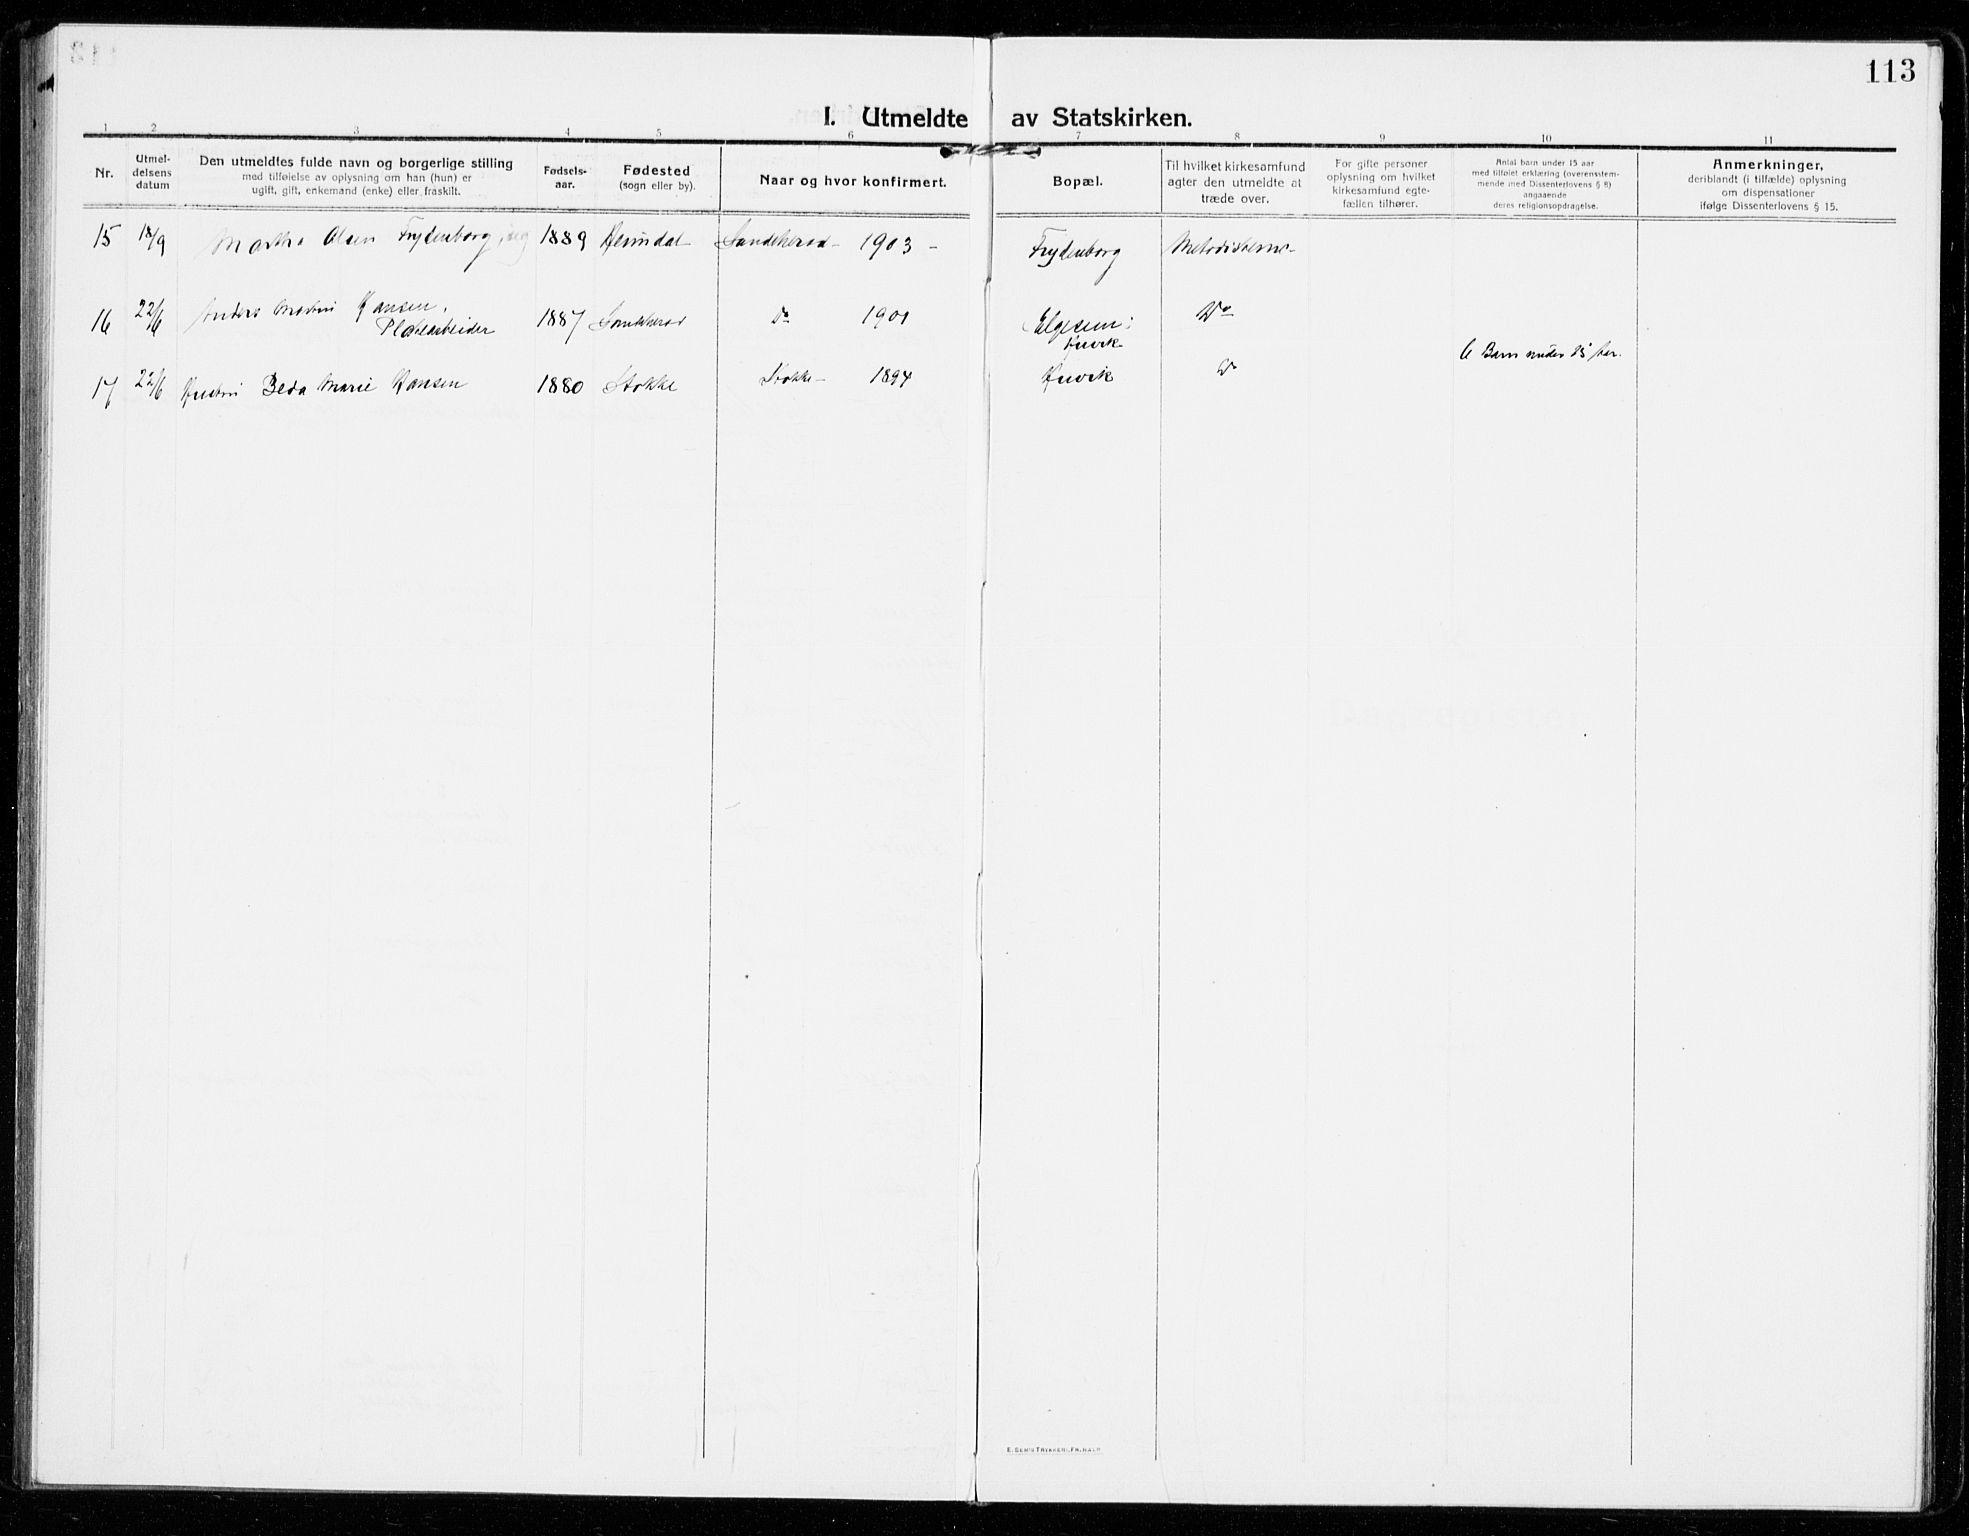 SAKO, Sandar kirkebøker, F/Fa/L0020: Ministerialbok nr. 20, 1915-1919, s. 113